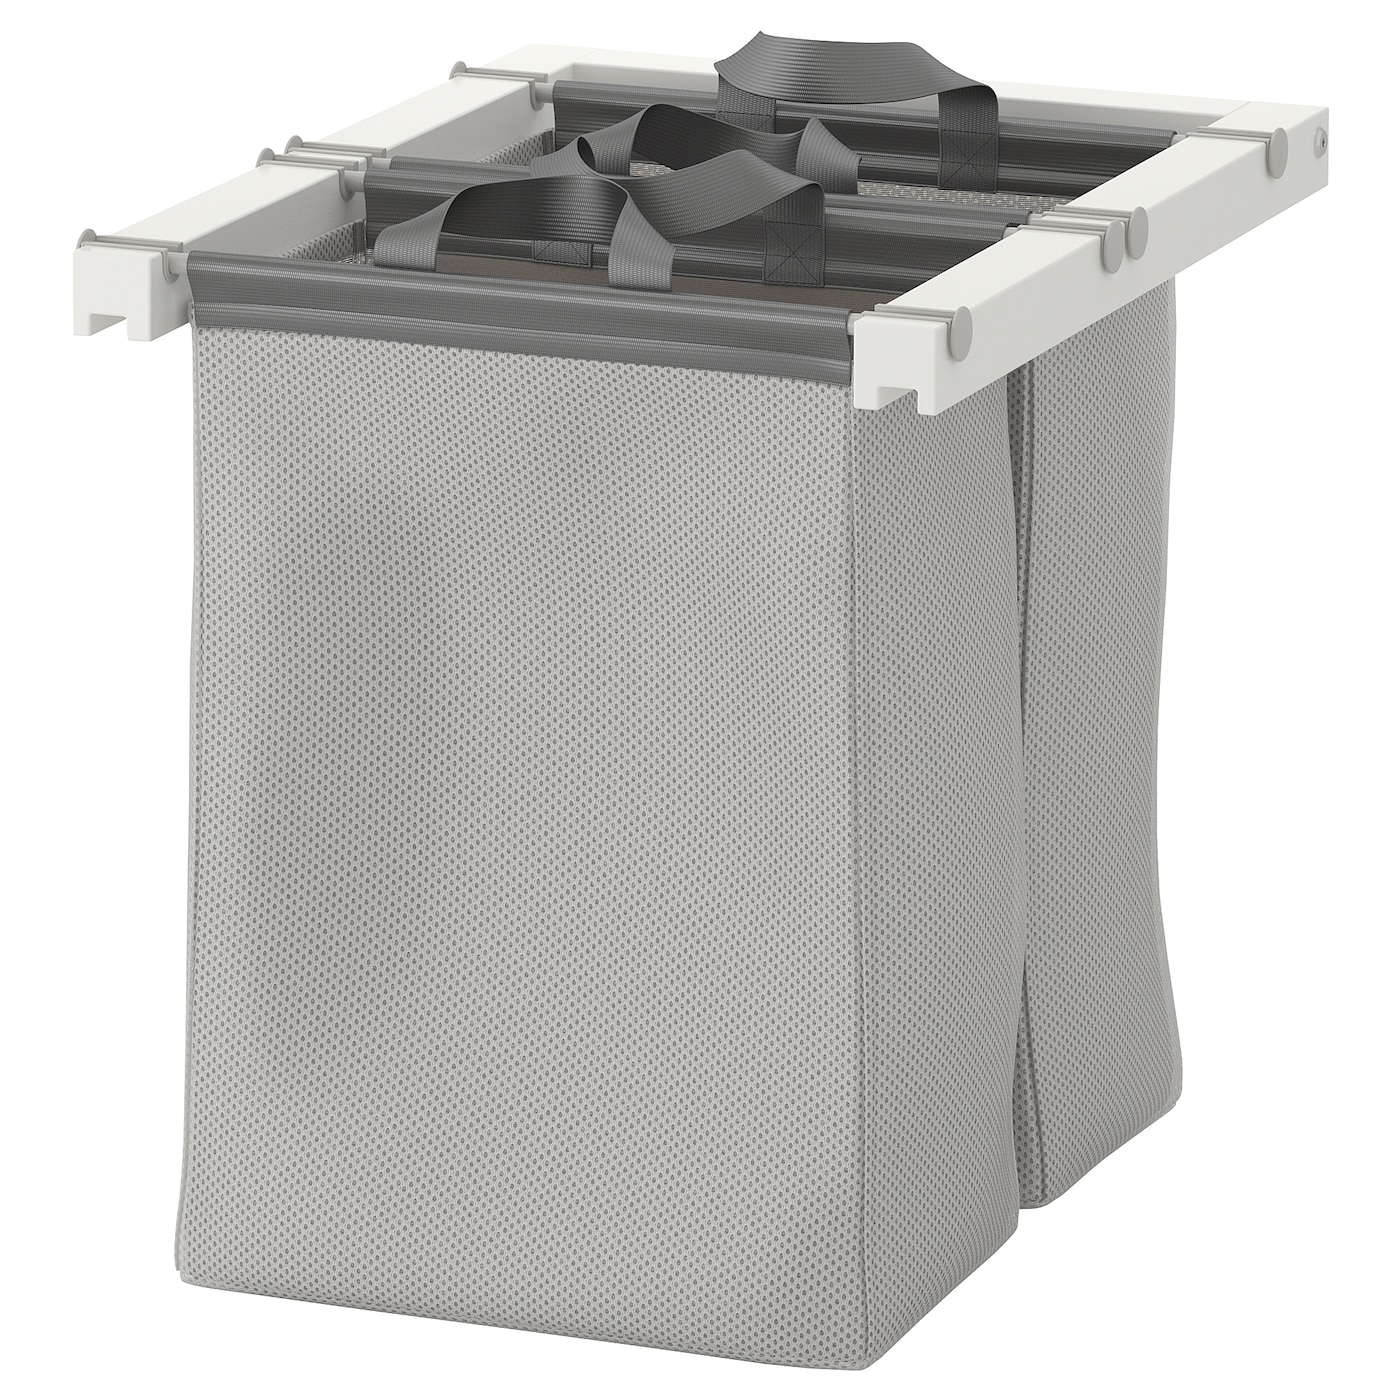 Caisson Pour Seche Linge komplement sac de rangement coulissant - blanc 50x58x48 cm